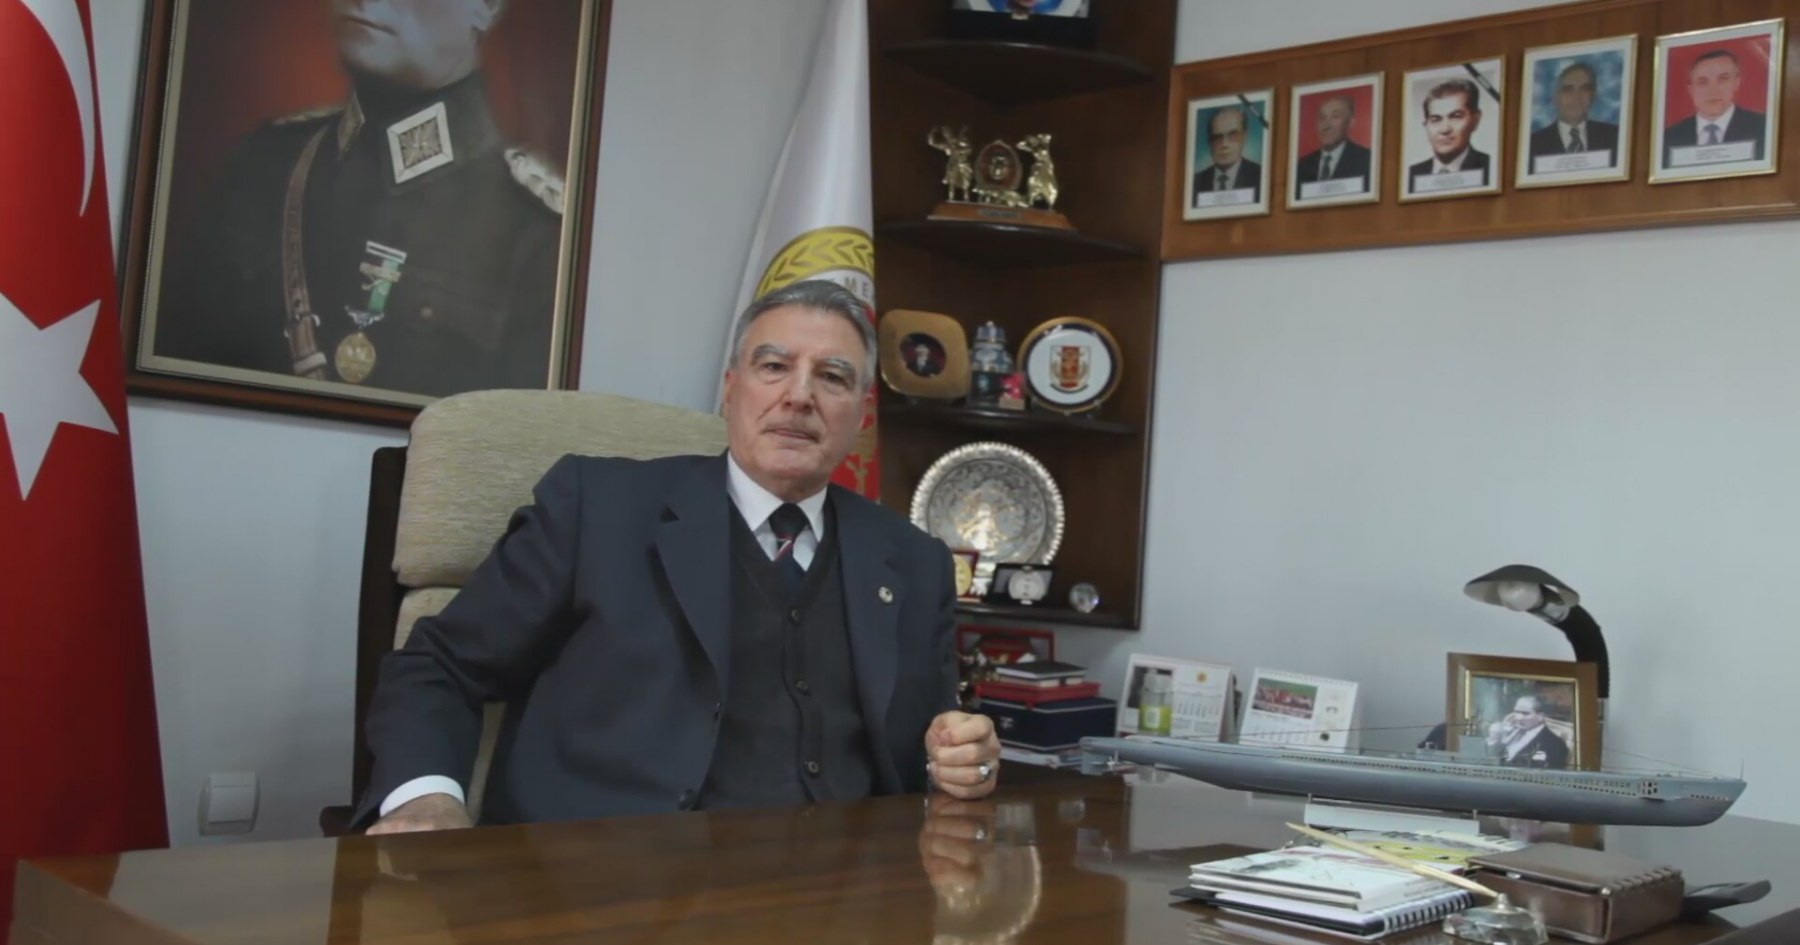 بؤیوک ارمنیستان خیالی آلت-اوست اولاجاق - تورک گنرال